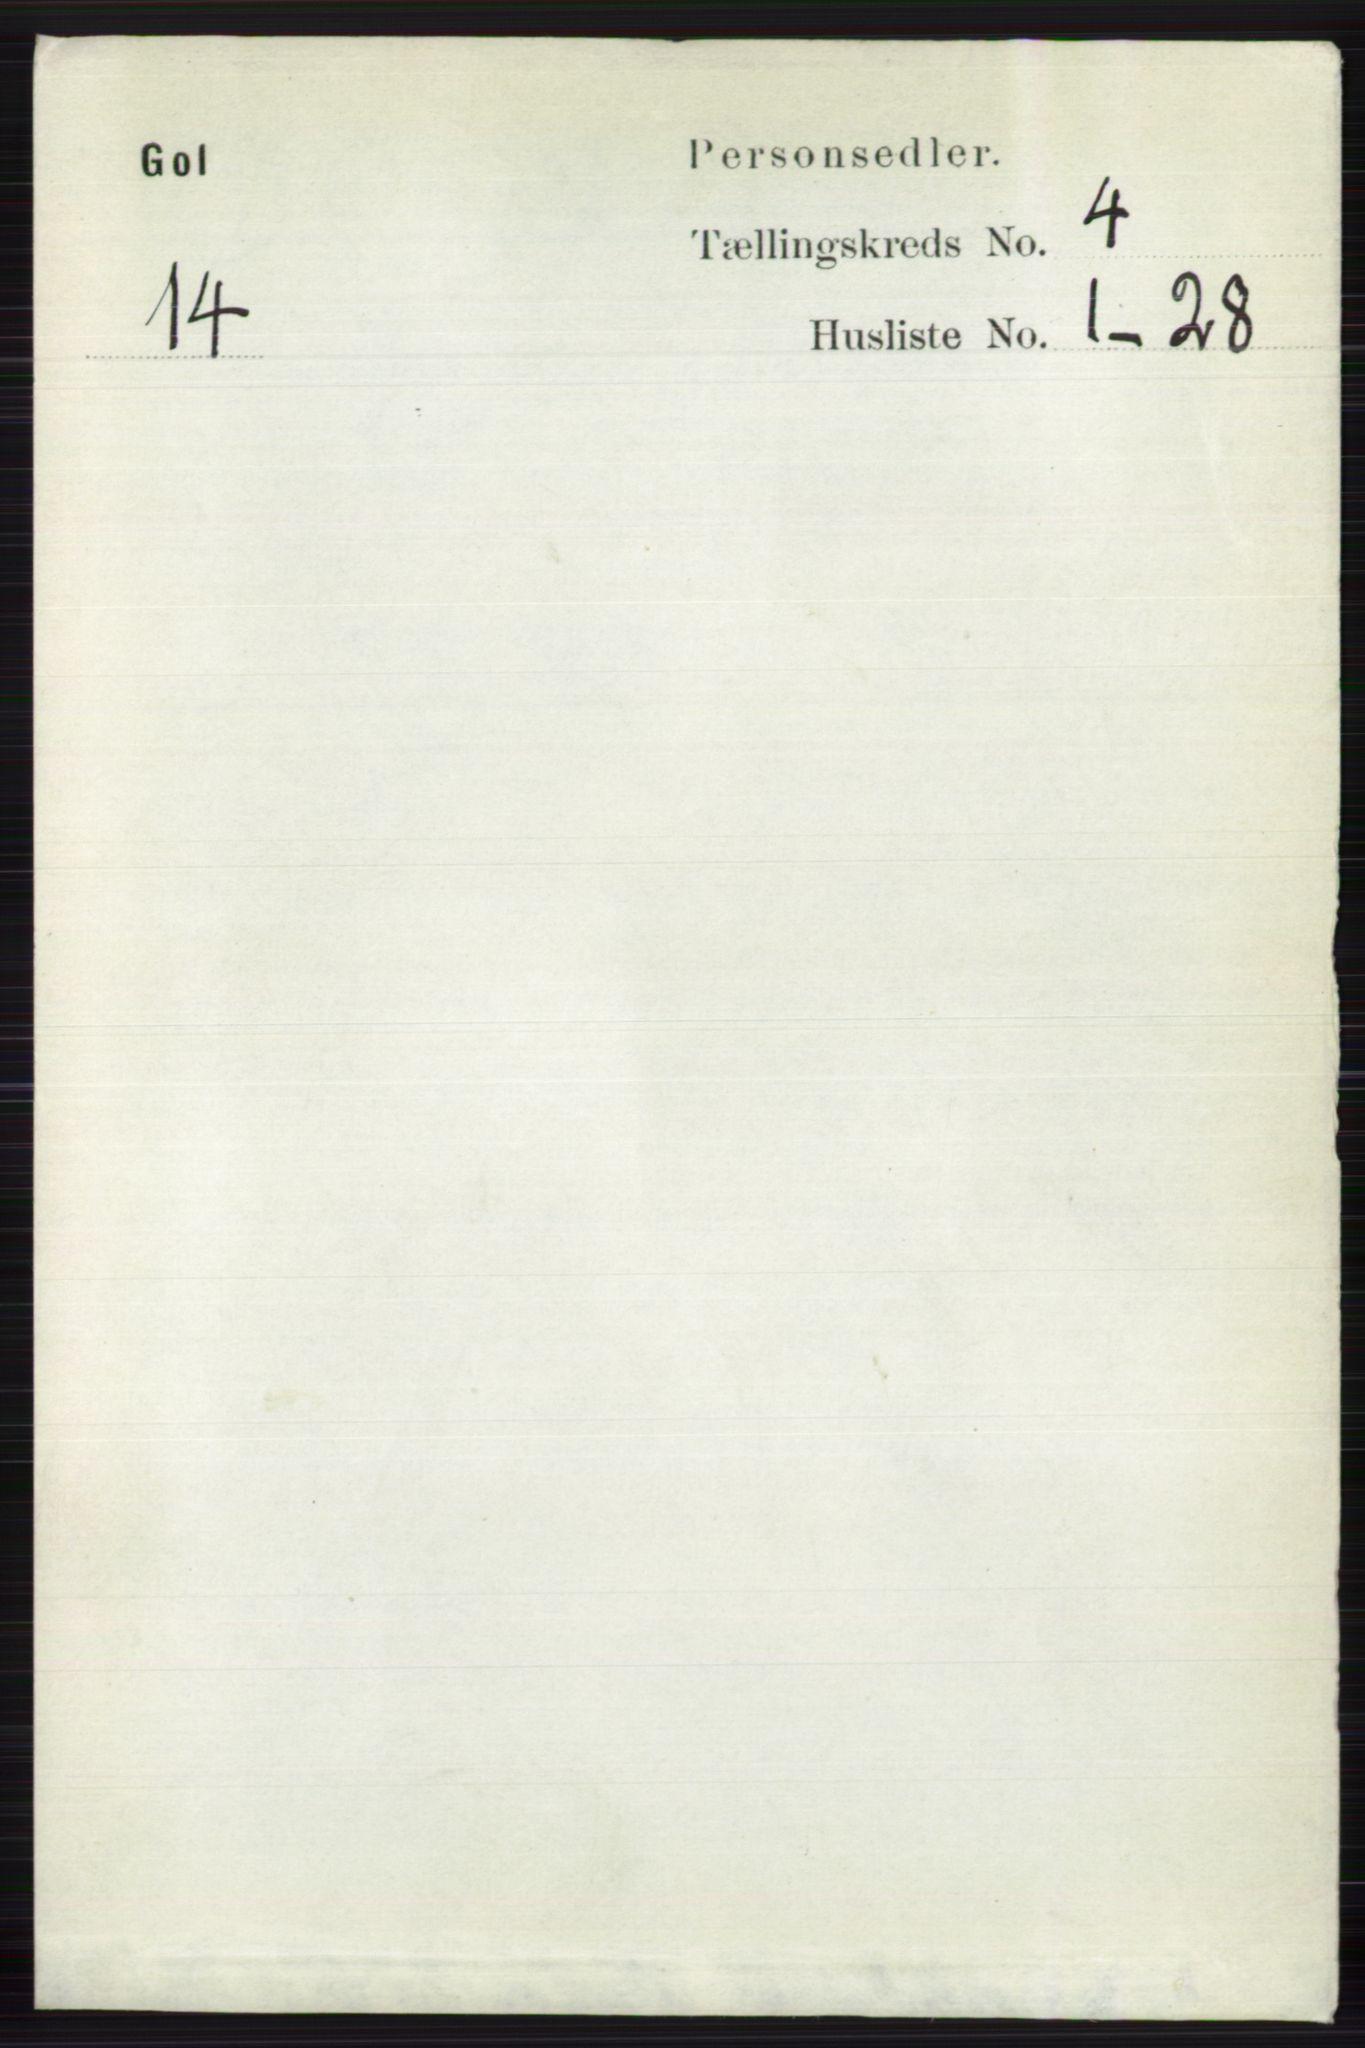 RA, Folketelling 1891 for 0617 Gol og Hemsedal herred, 1891, s. 1817